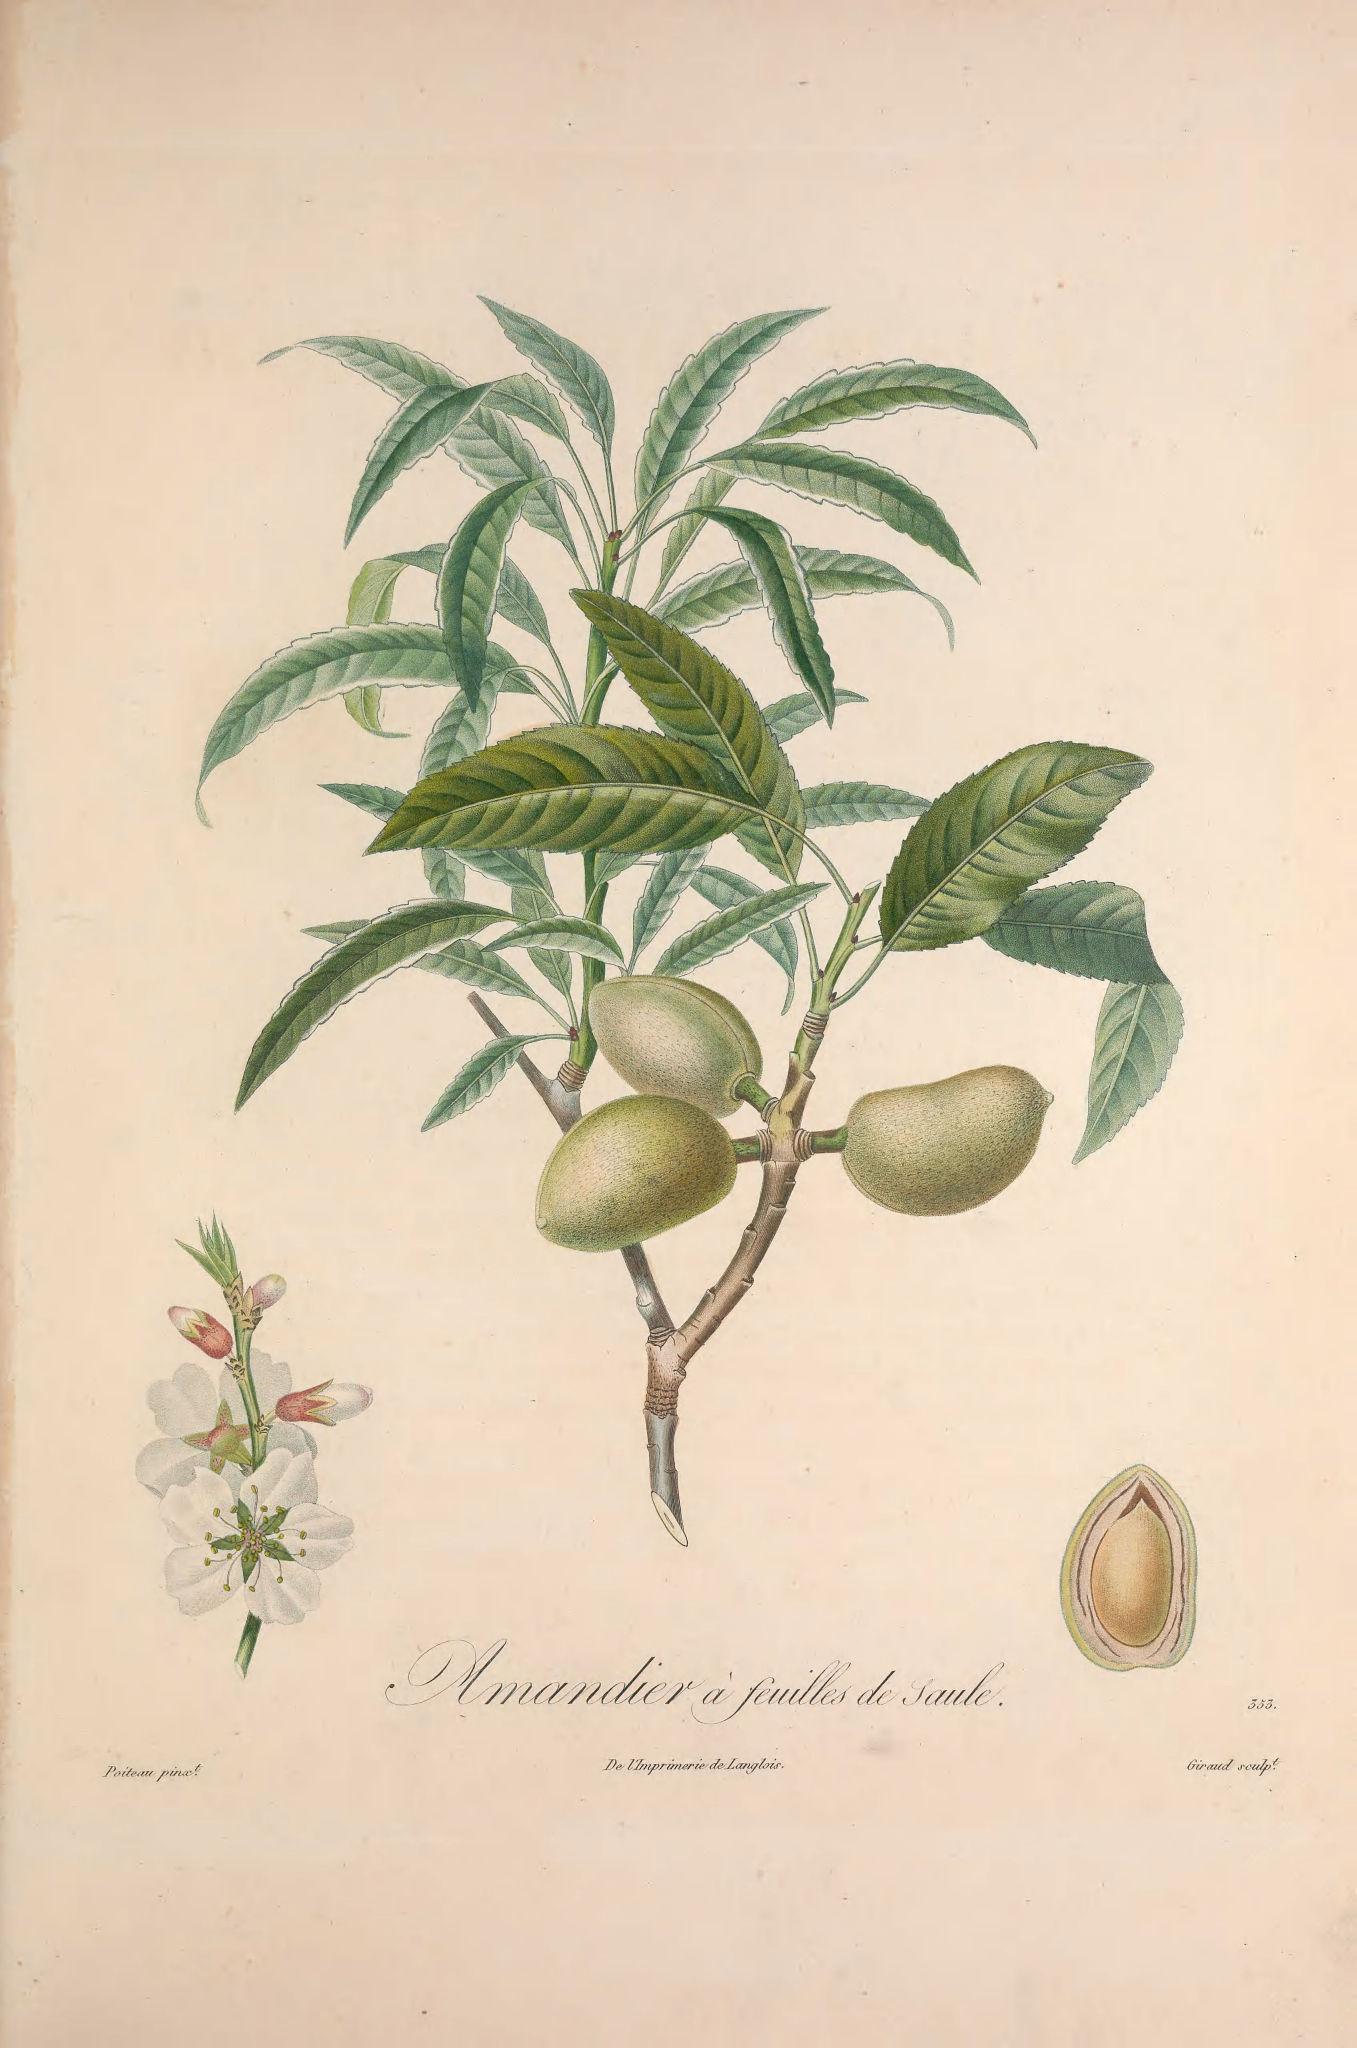 Gravures fruits gravures arbres fruitiers 105 amandier a feuilles de saule gravures - Fruit de l amandier ...